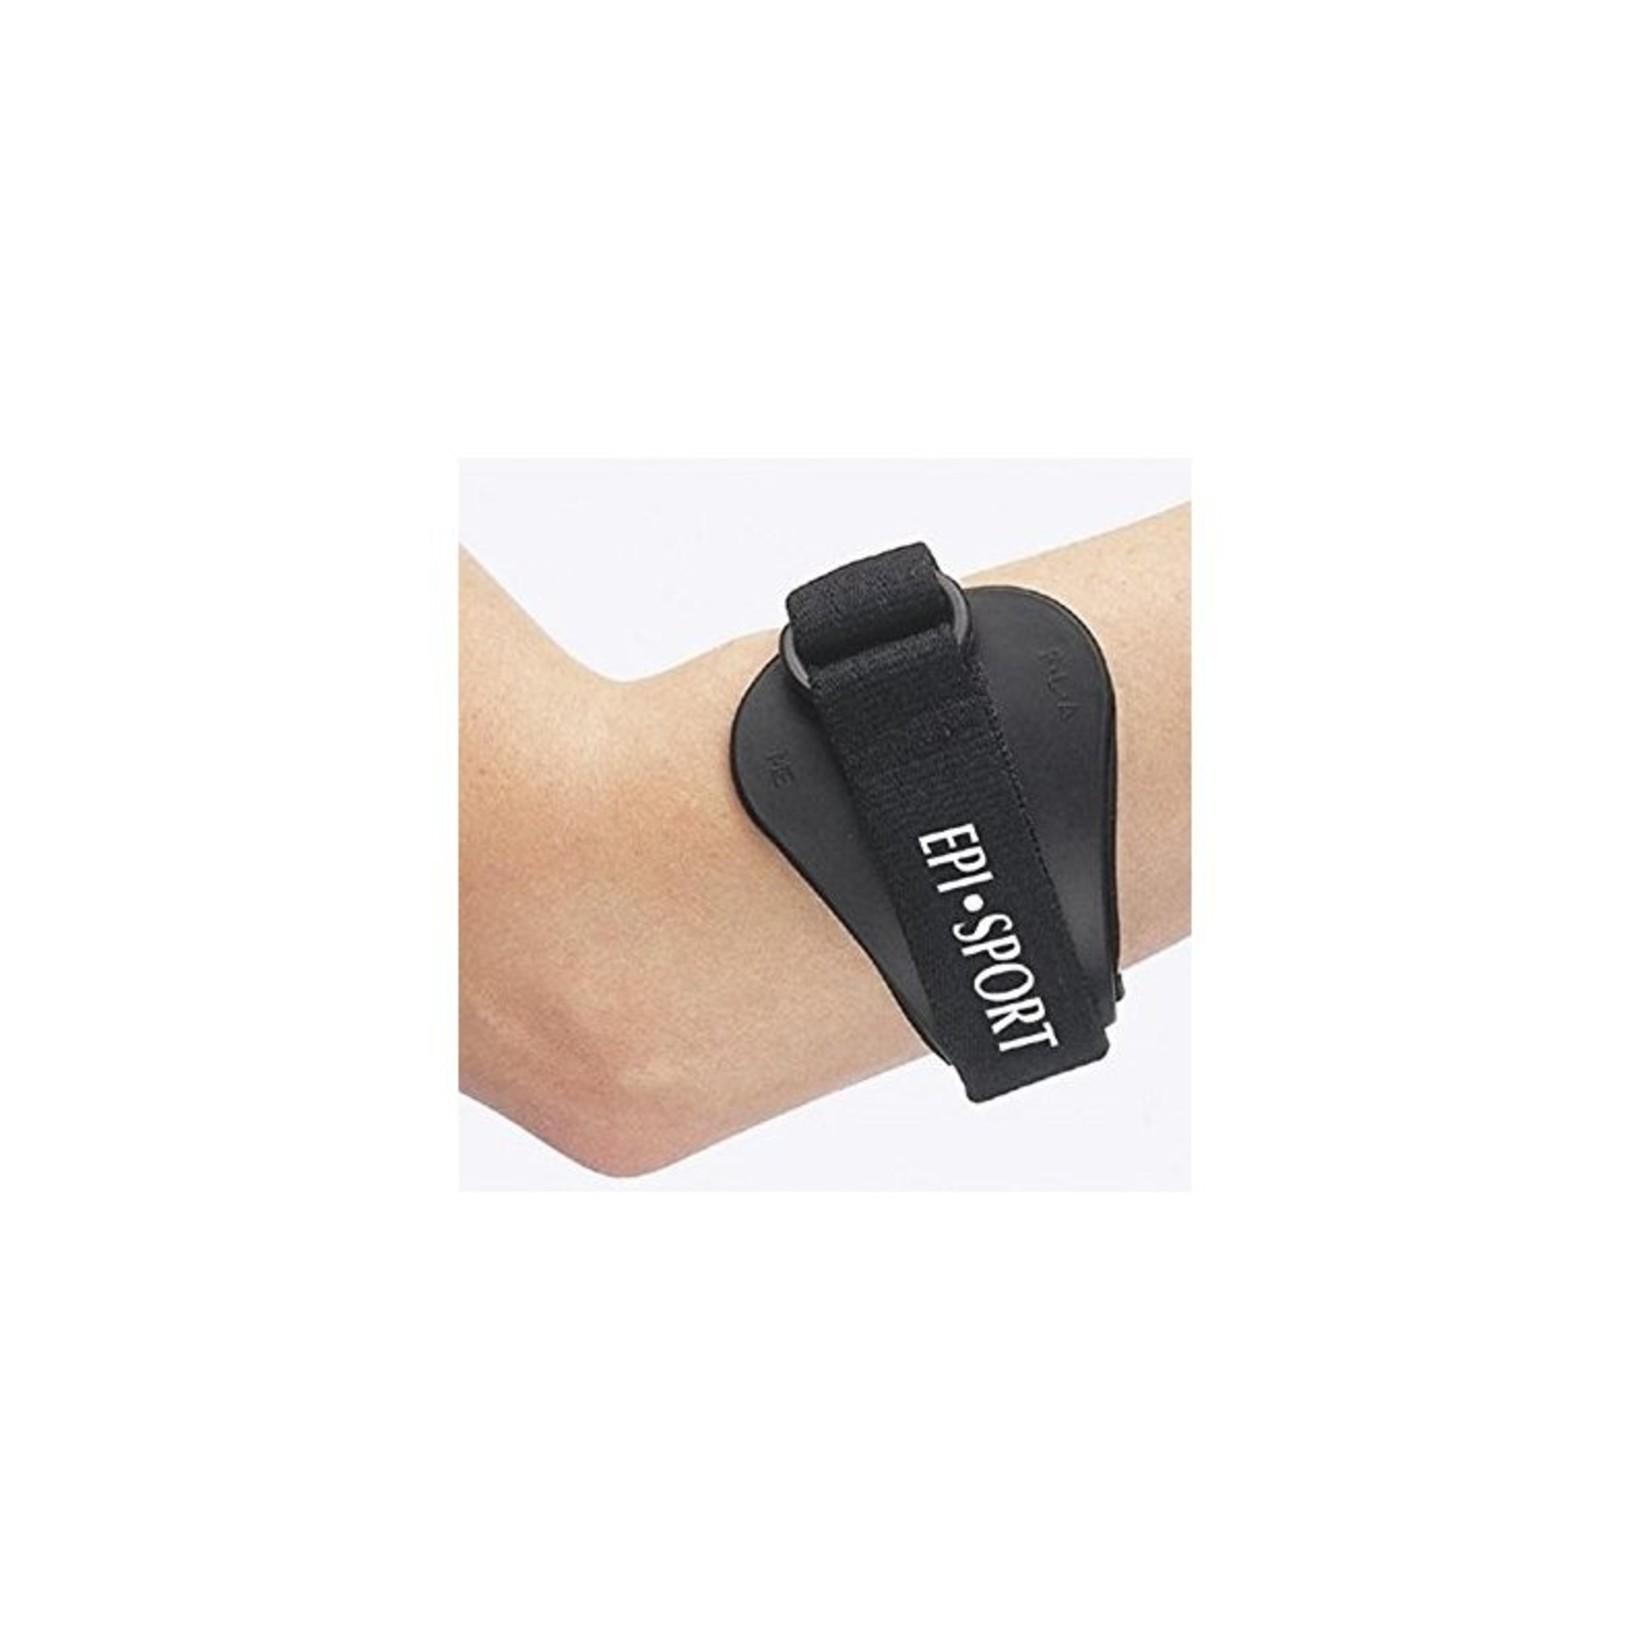 FLA Orthopedics EPISPORT EPICONDYLITIS CLASP BLACK